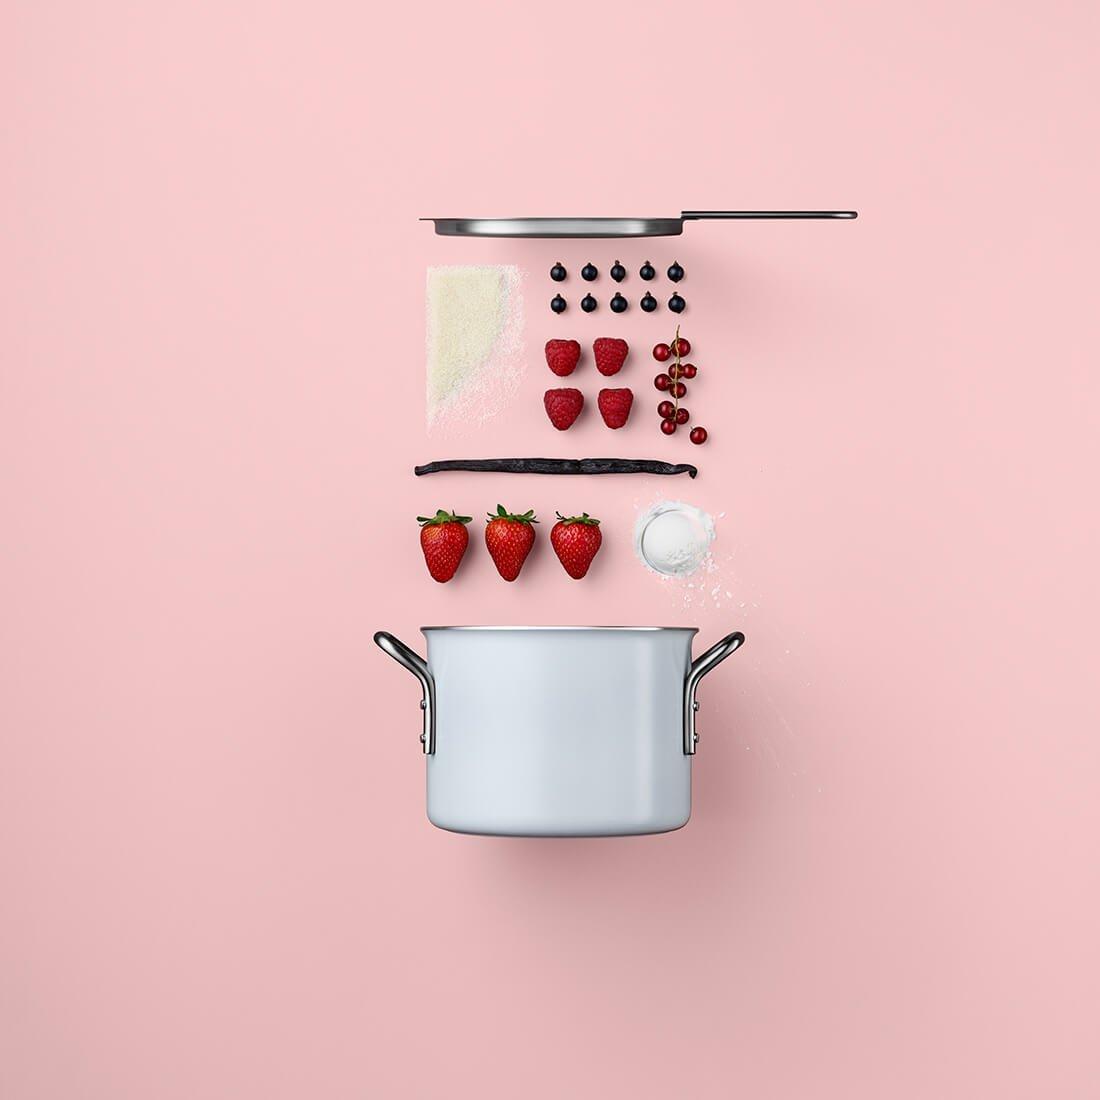 Рецепты из компонентов еды, Стильные фото 8